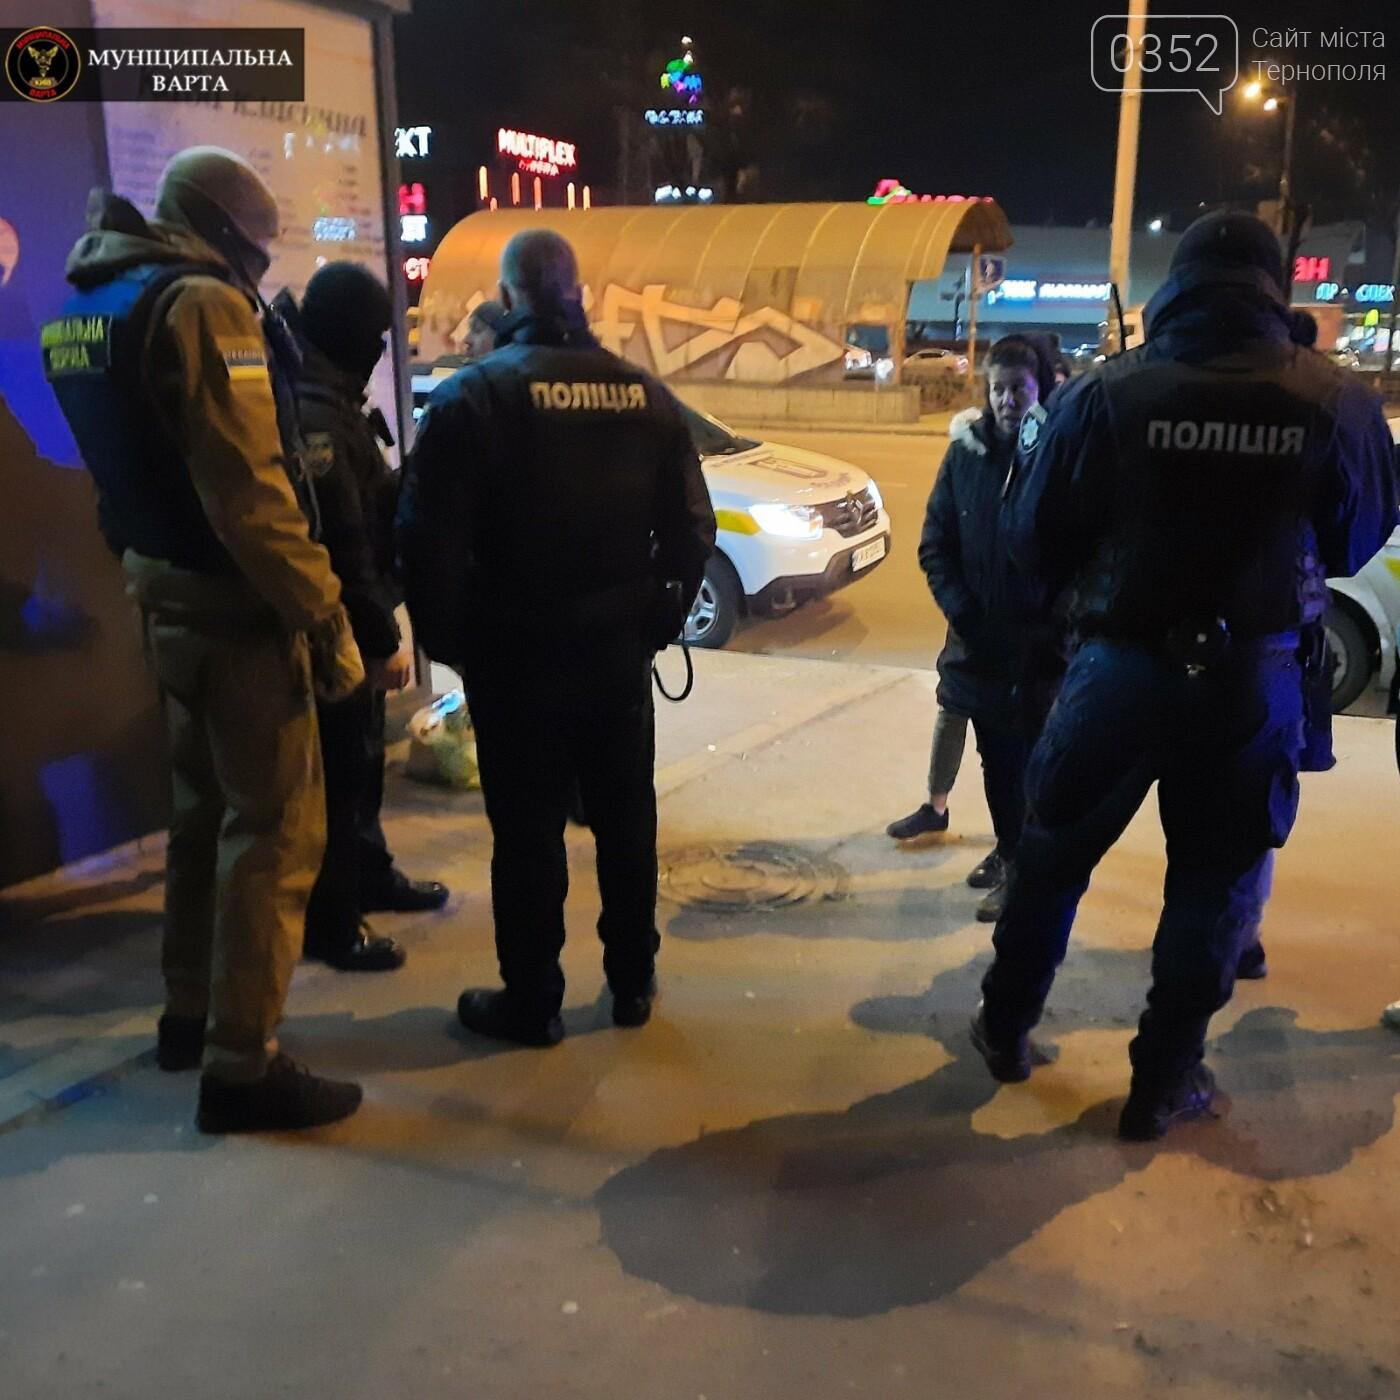 Не того пограбували: ветеран самотужки затримав 5-х злодіїв із Закарпаття  (ФОТО), фото-2